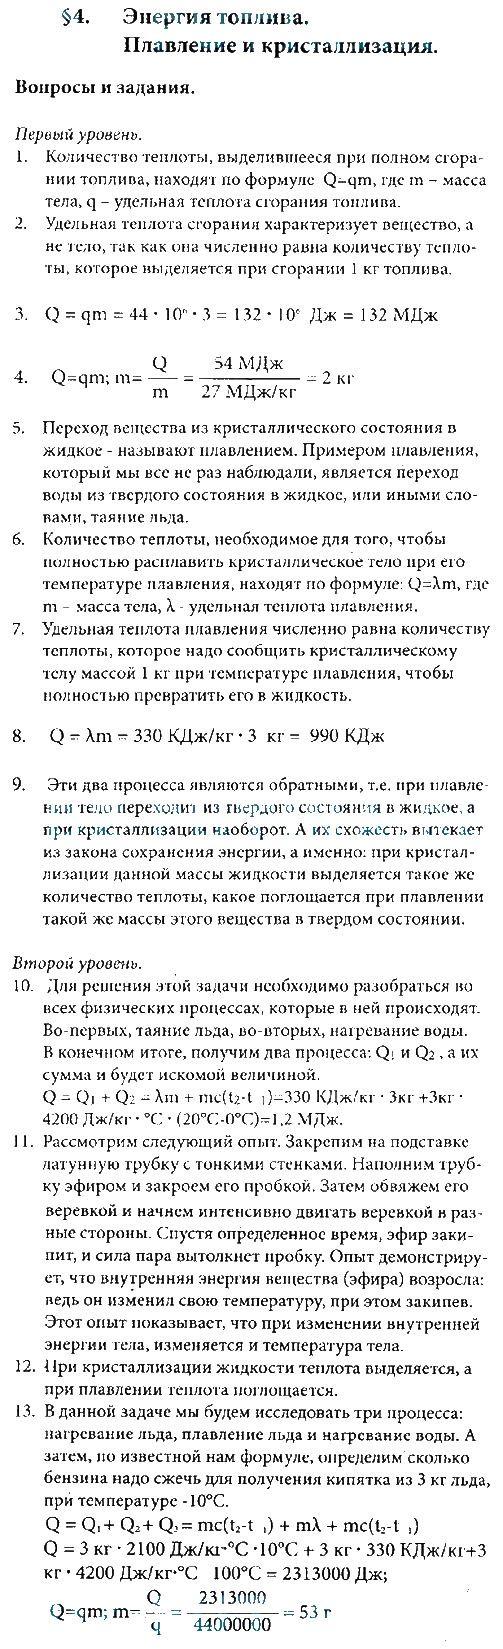 Скачать готовые домашние задания русский язык 6 класс автор баранов григорян